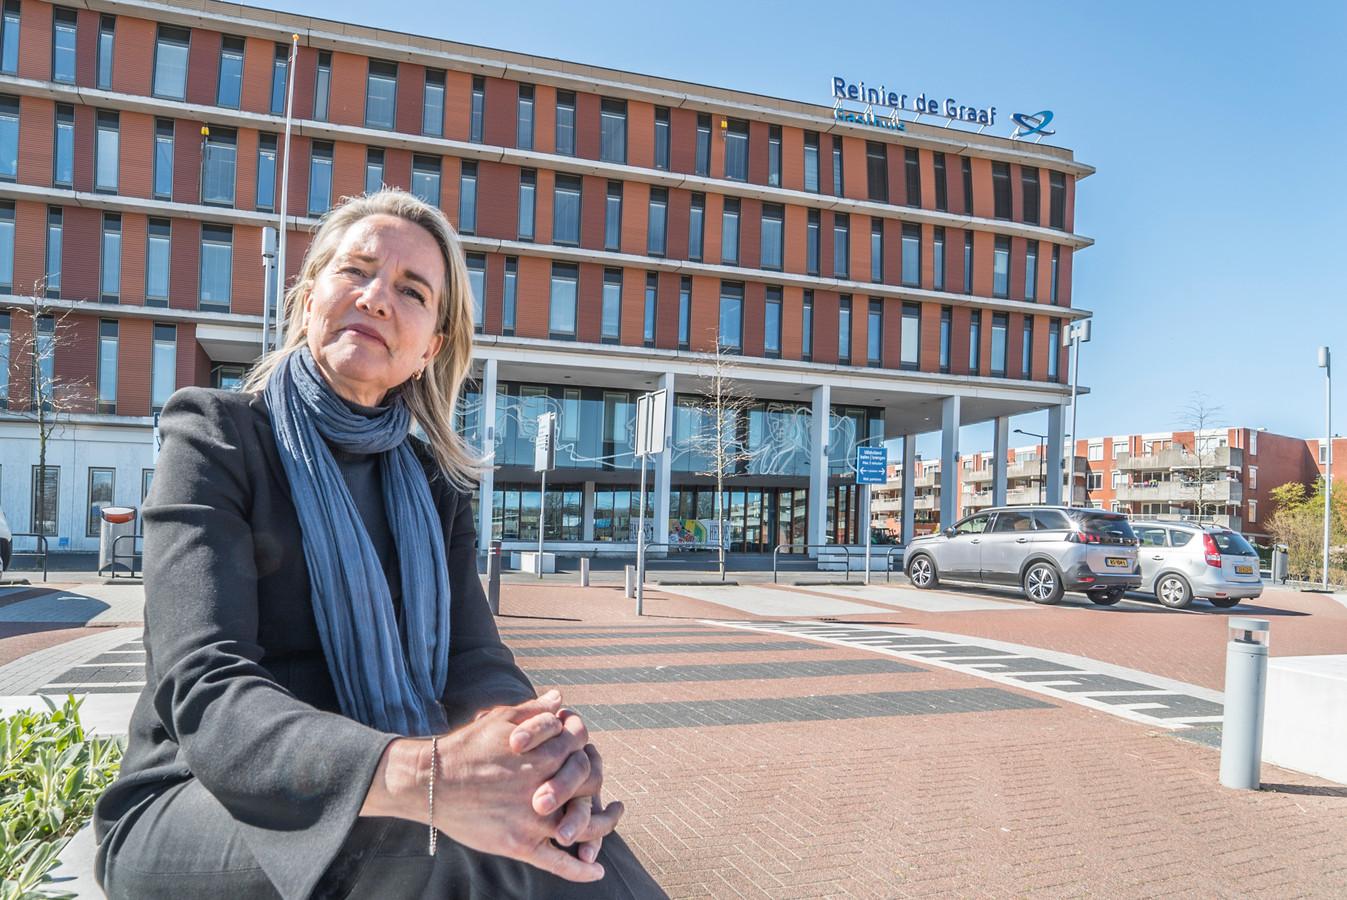 """Directievoorzitter Carina Hilders van het Reinier de Graaf ziekenhuis. ,,Alleen door krachten te bundelen, kunnen we de crisis aan."""""""